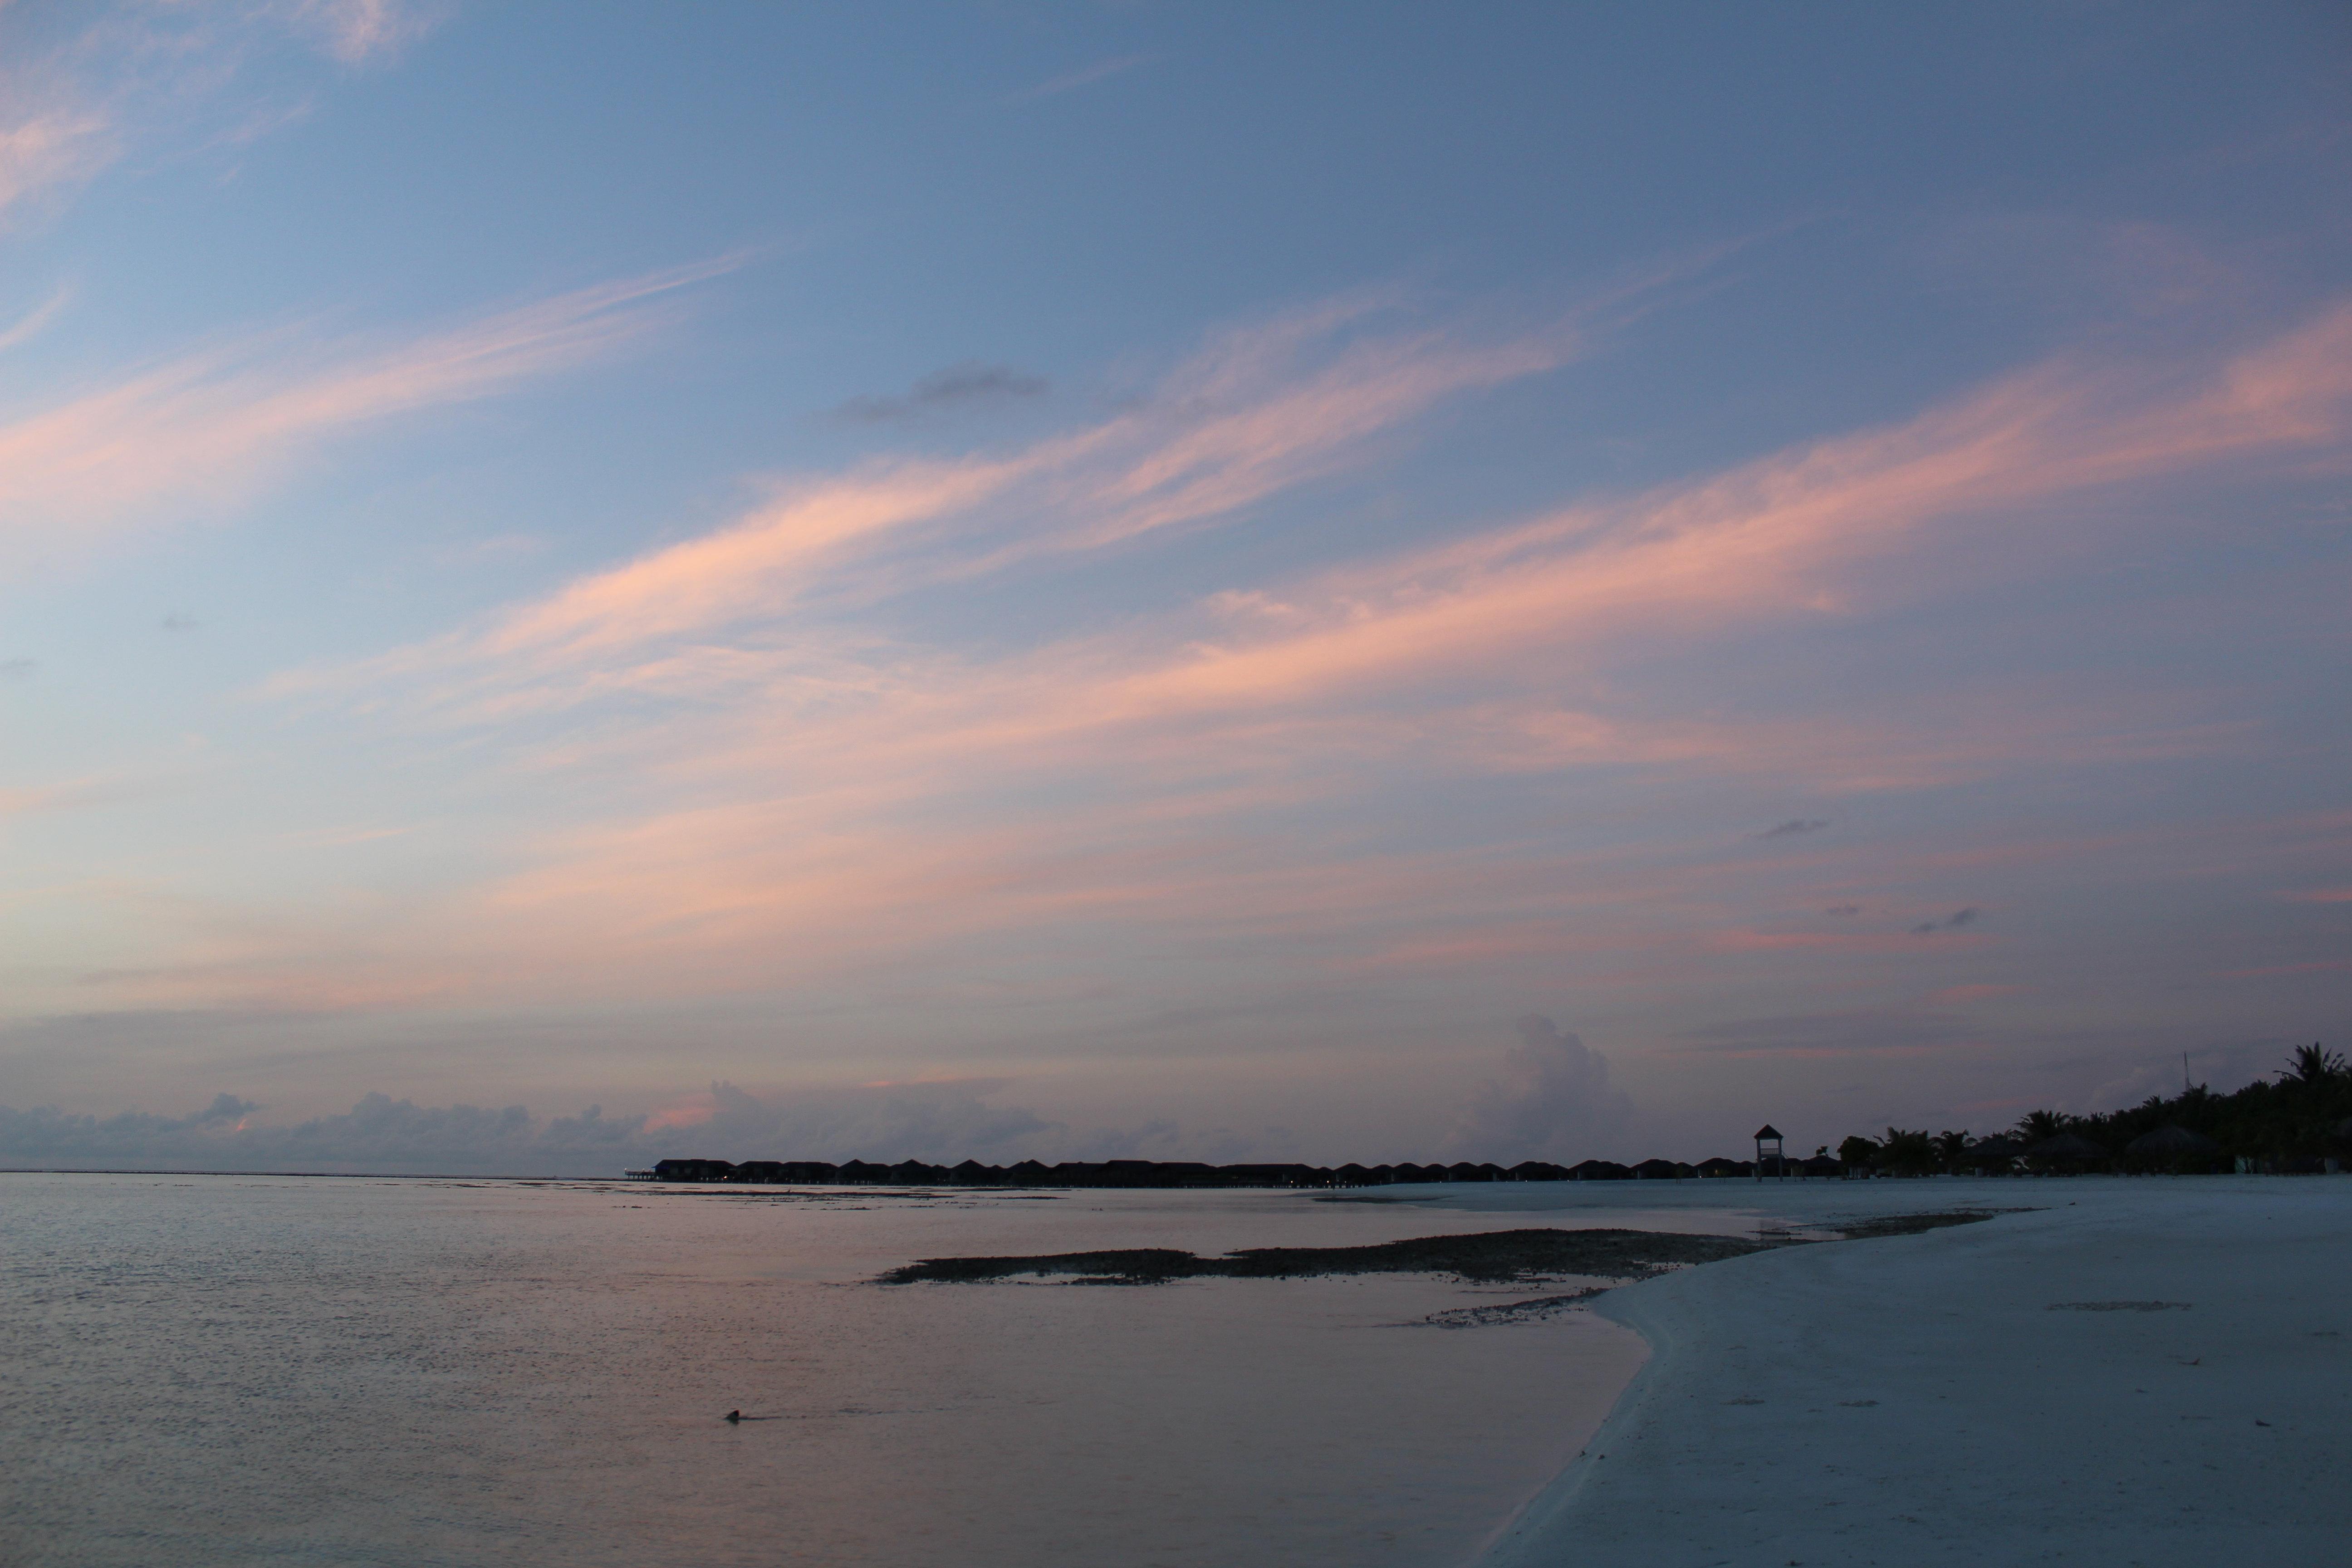 来到天堂岛今天是第三天,准备参加两个自费项目,一个是上午9点出发到马尔代夫首都马累观光游览半天,每人35欧元。另一个是下午17点至18点乘快艇出海观海豚,每人45欧元。这两个自费项目感觉都不错推荐。 第四天在岛上好好浏览一下,主要是到水屋看看,那里环境好,早上看日出的最佳地方,价钱可不便宜,一晚300多美金。晚饭后到大厅把账单结好,定好明天几点到码头乘船去马累机场。 第五天一早吃过早饭直奔机场,坐上飞机恋恋不舍离开马尔代夫。